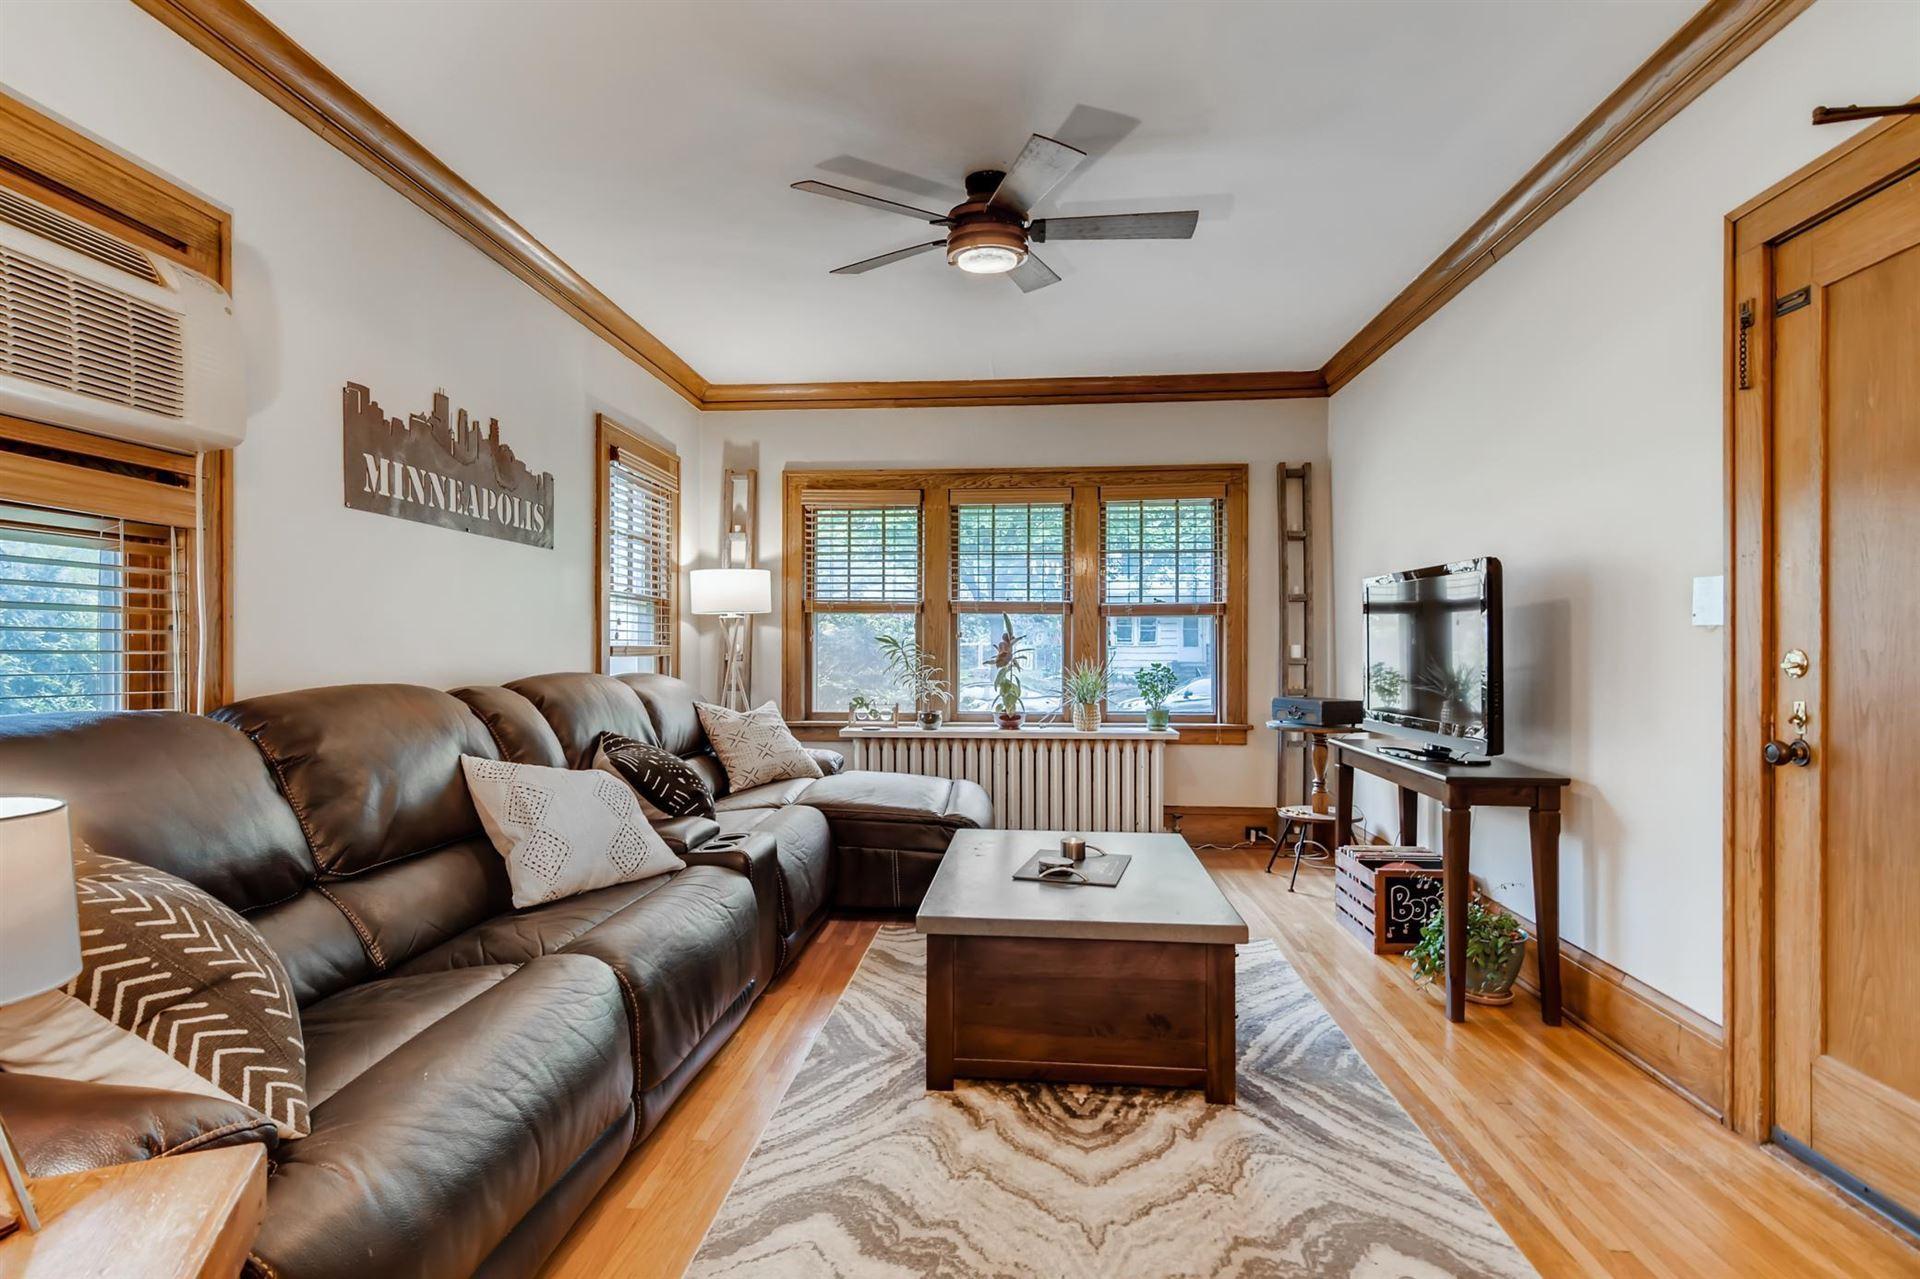 Photo of 4609 Blaisdell Avenue #2, Minneapolis, MN 55419 (MLS # 5758423)